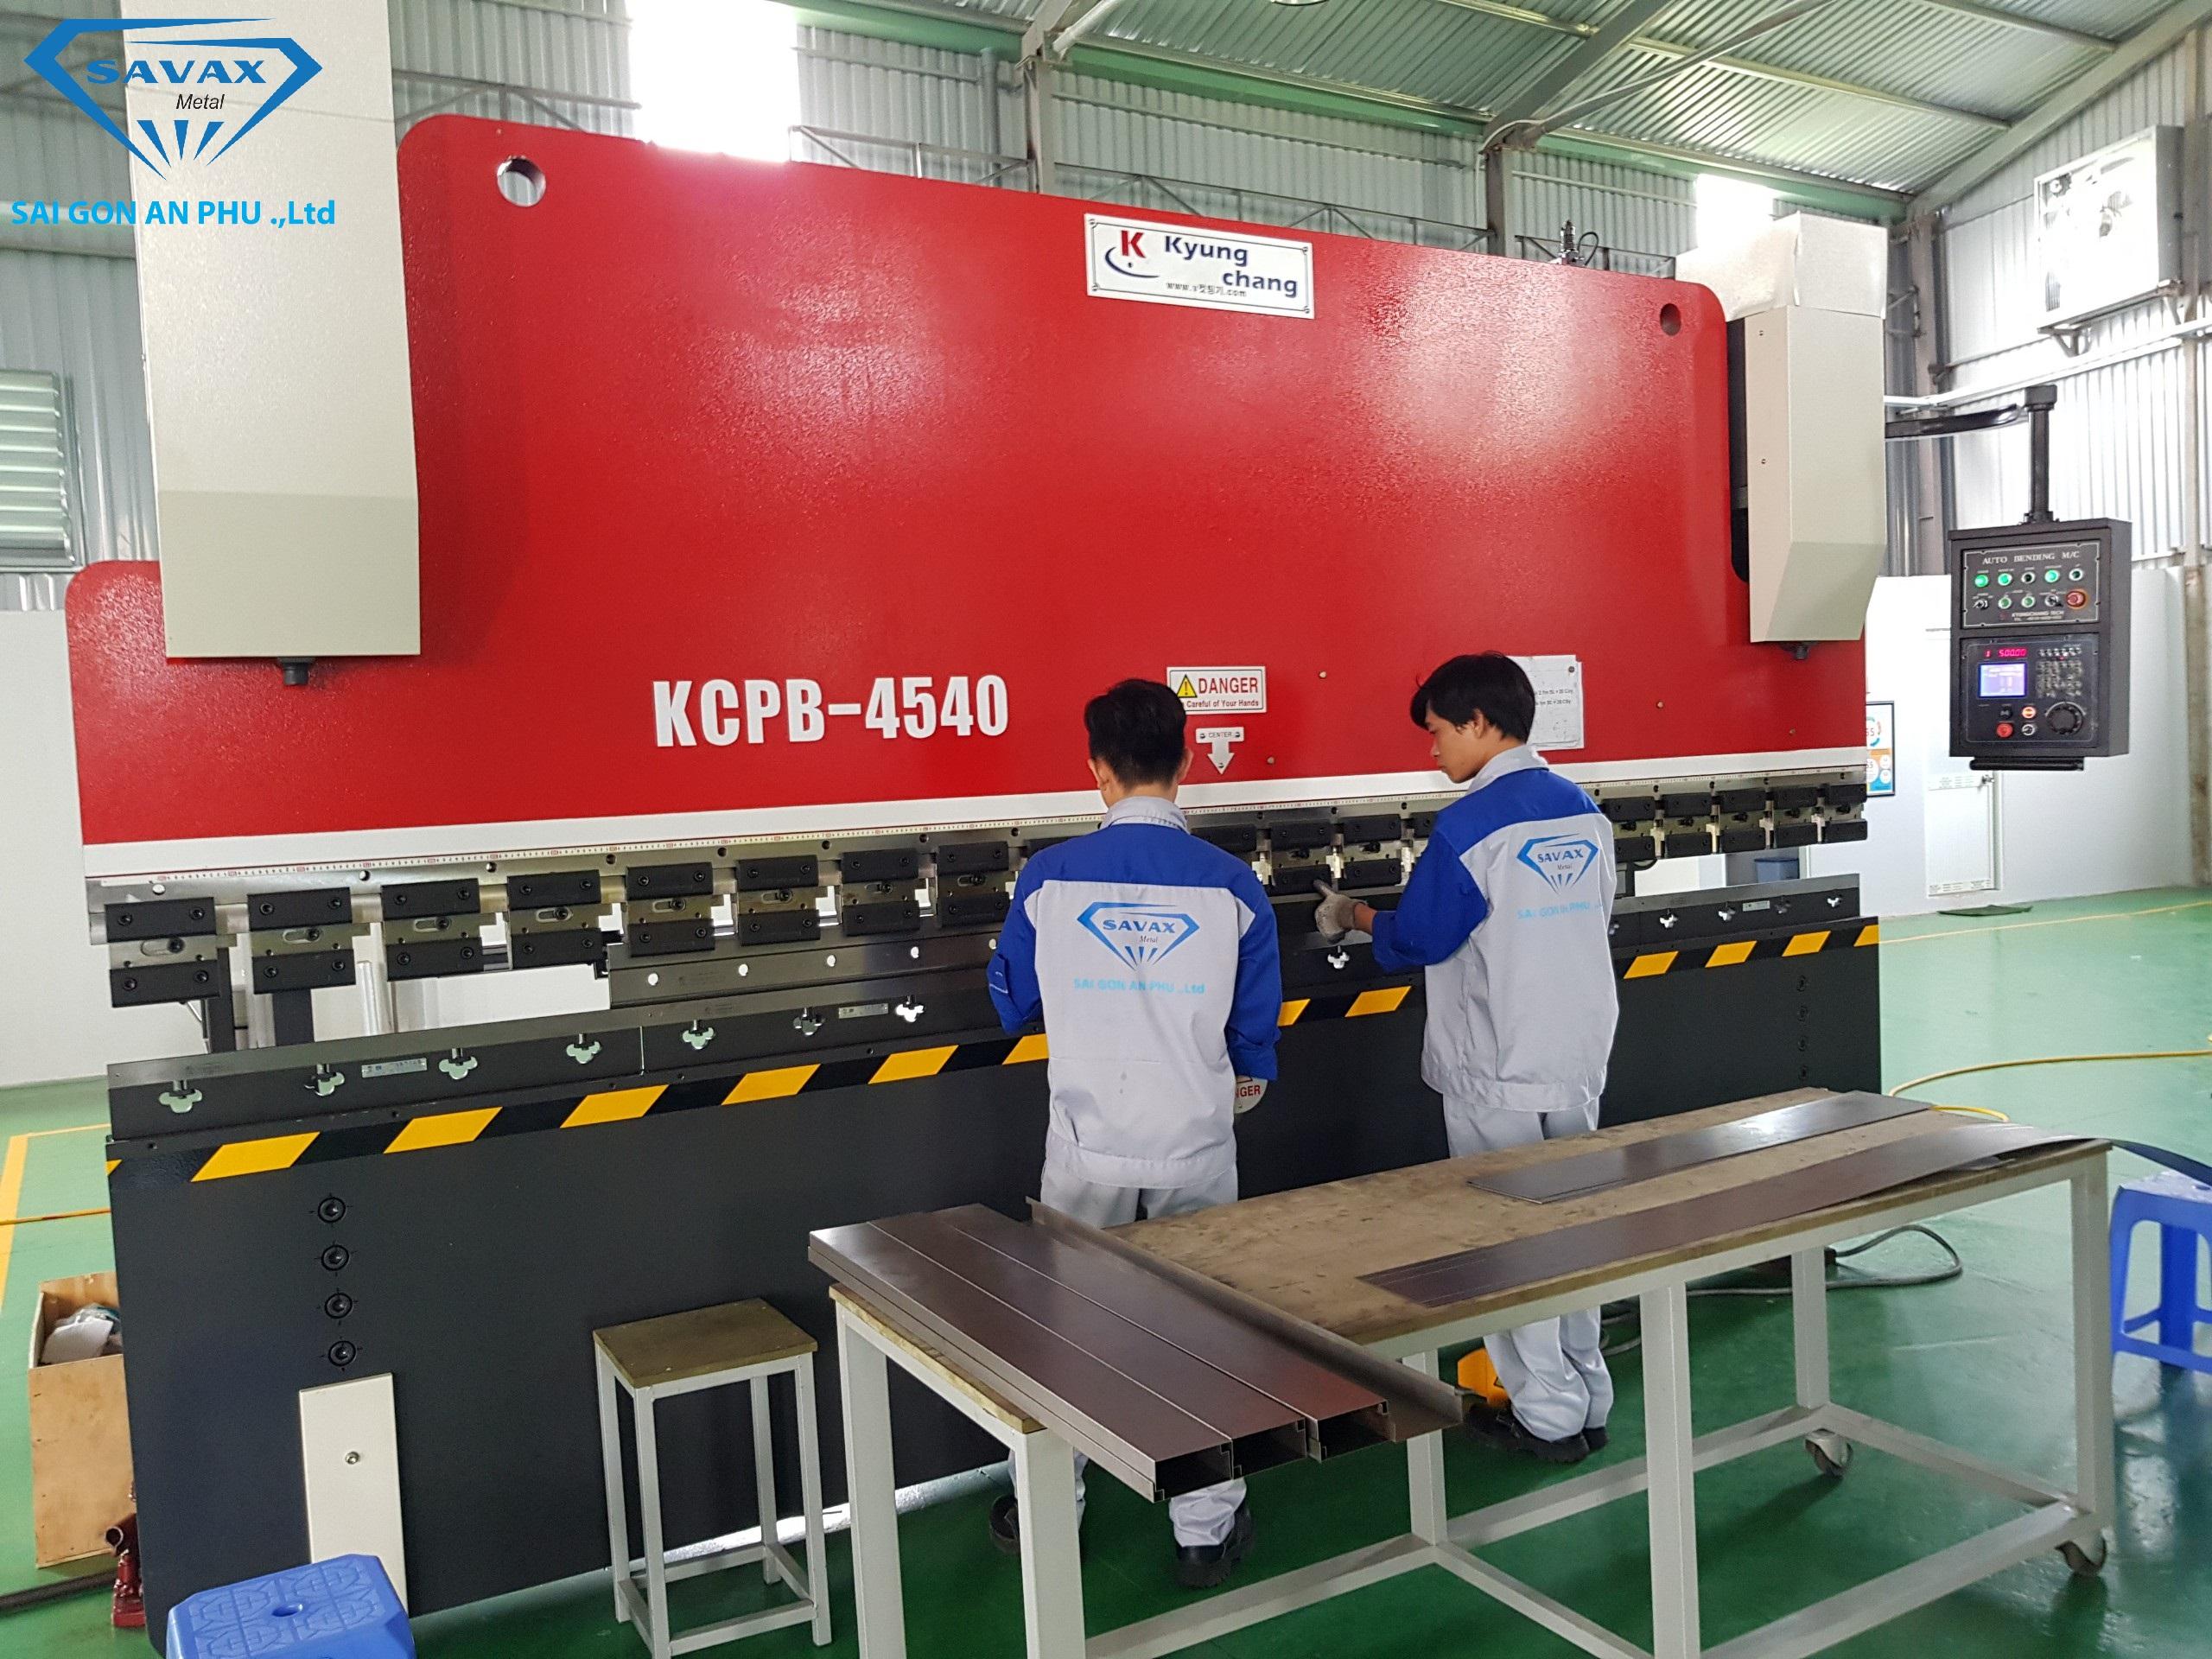 Xưởng gia công chấn dập (bẻ) sản phẩm